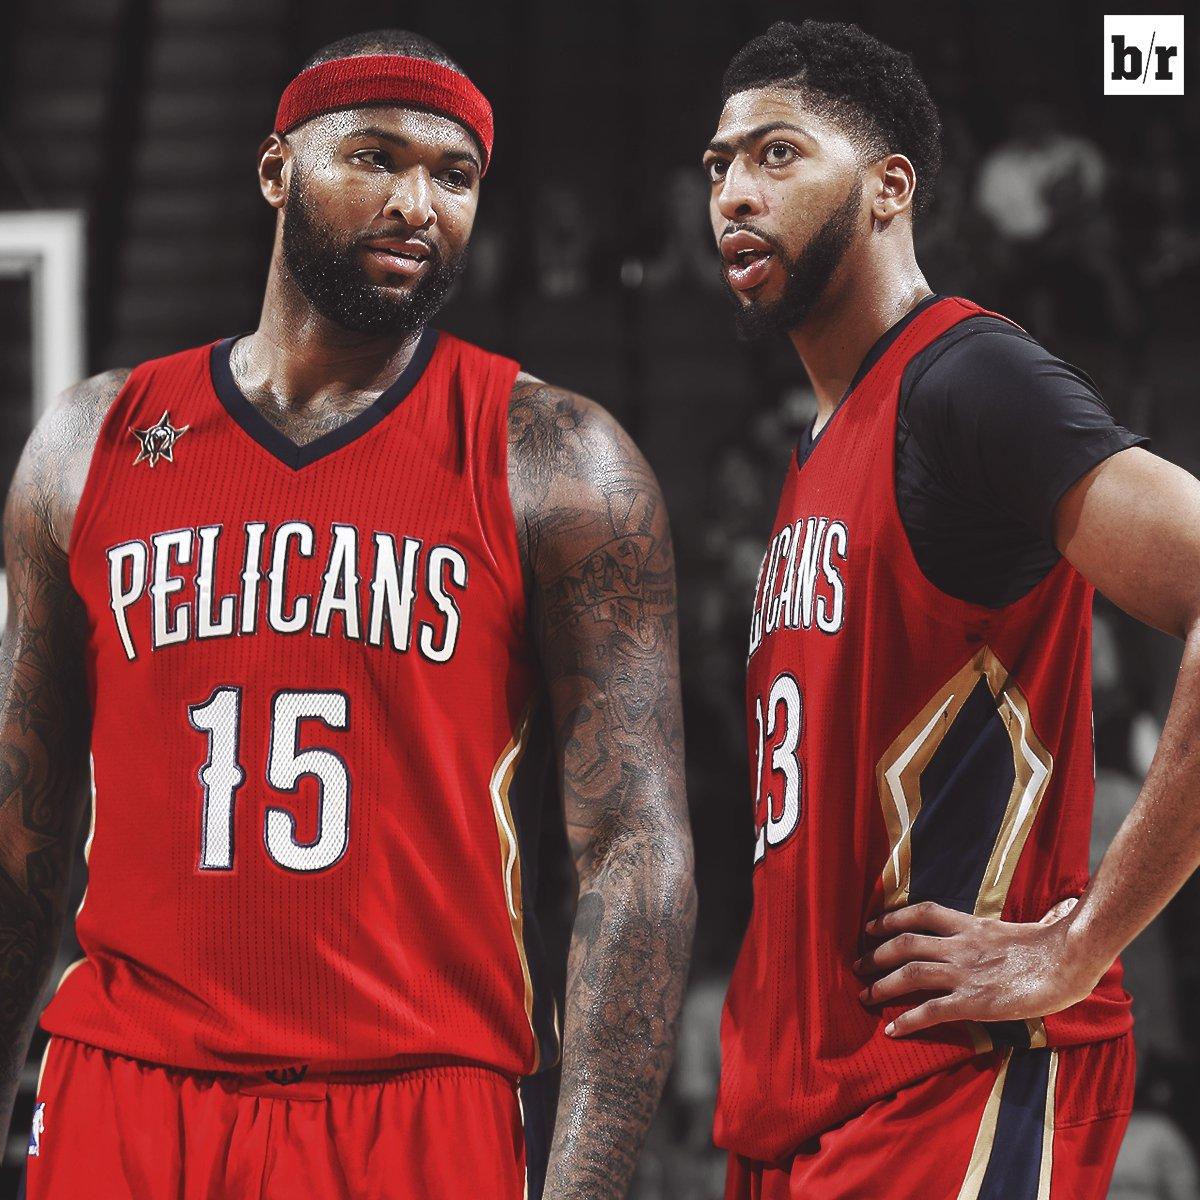 Cousins ai Pelicans – © 2017 twitter.com/BleacherReport